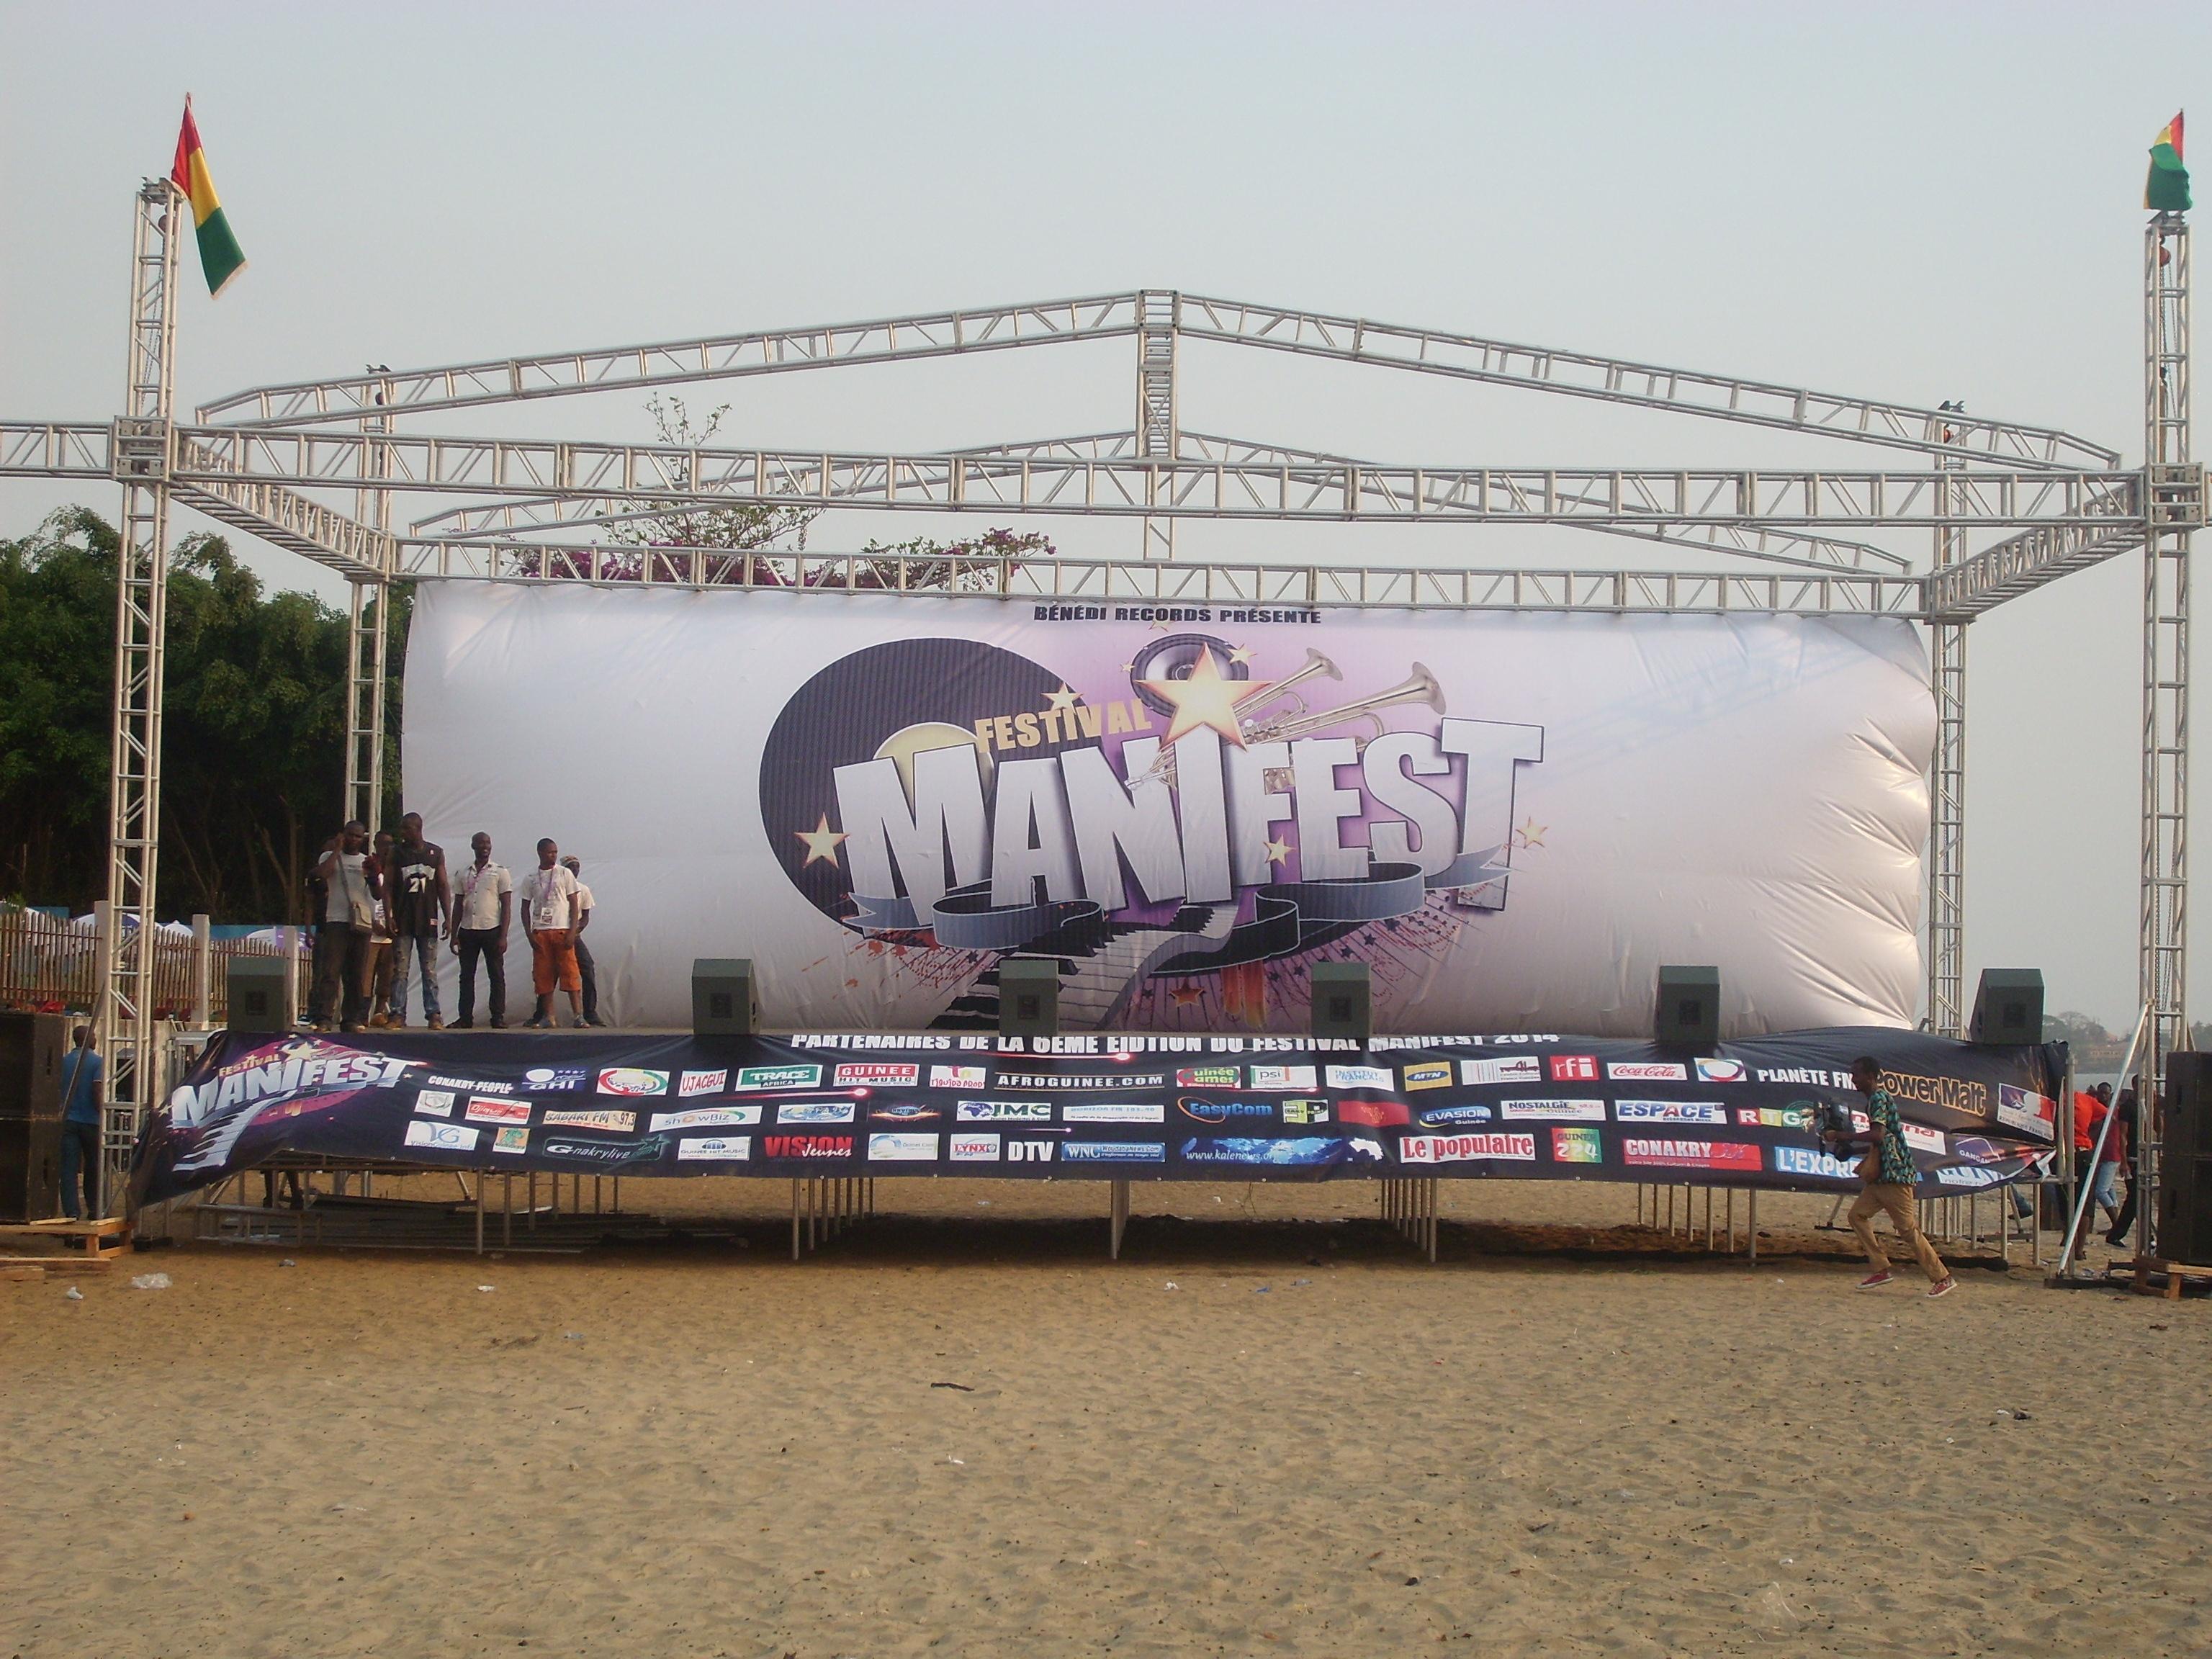 Festival Manifest